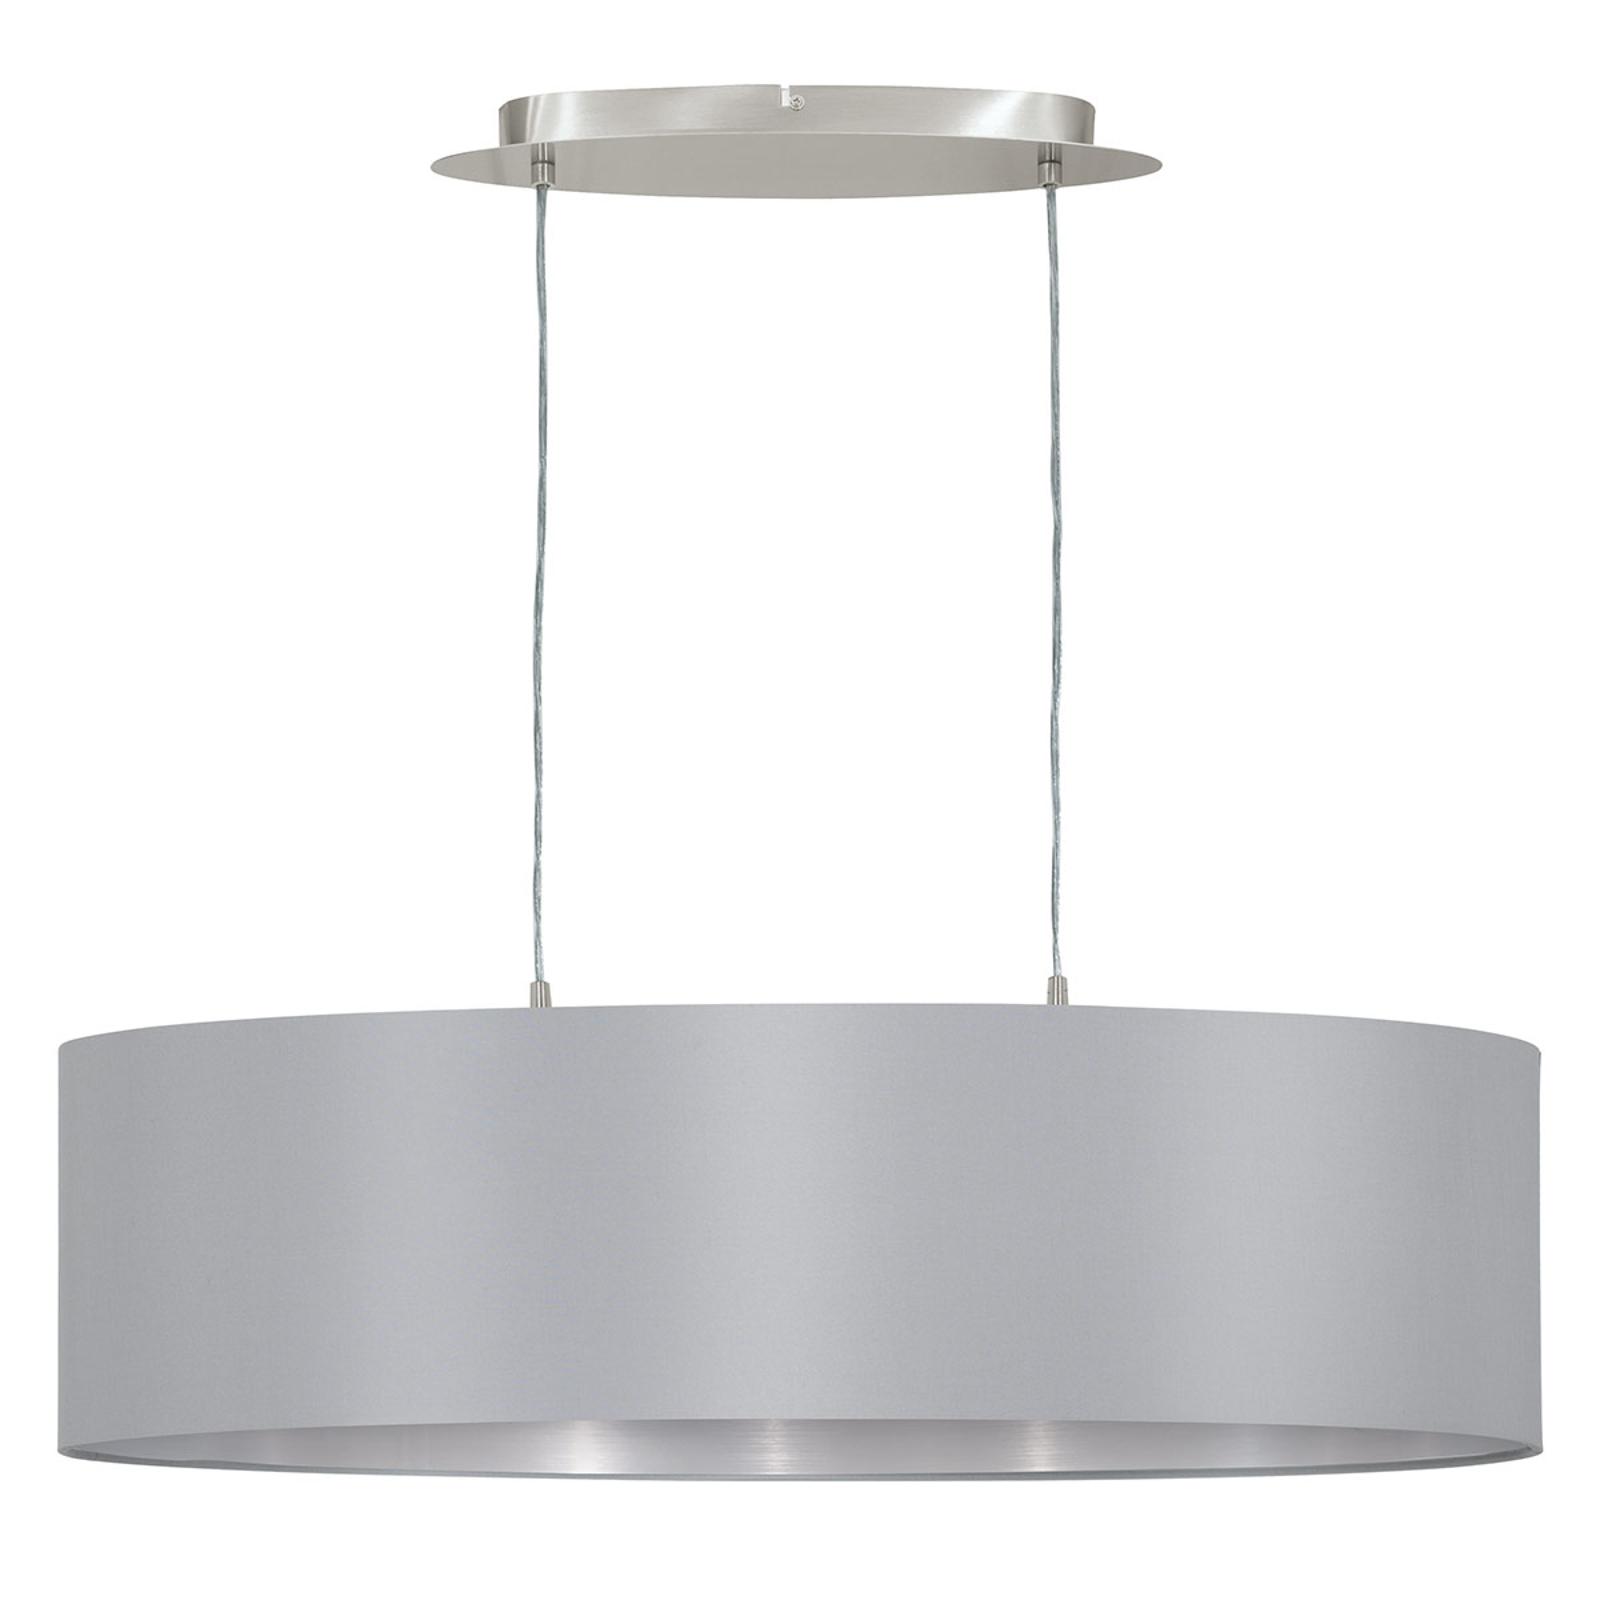 Suspension Maserlo ovale, gris-argenté